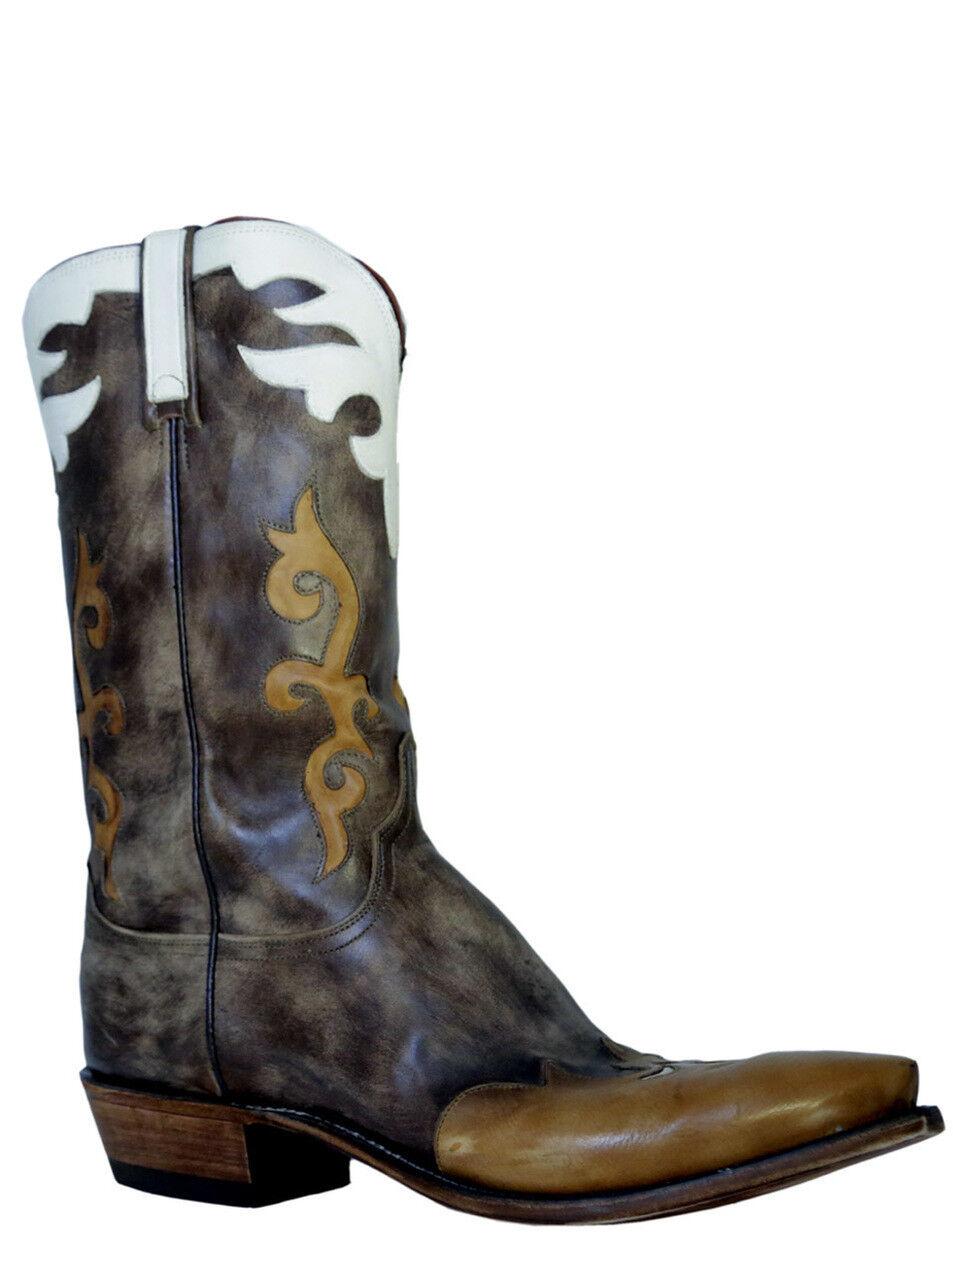 5c49d2a0 Lucchese Para Hombre botas Vaqueras Buffalo 1883 N9516.54 Marrón Envejecido  Antiguo